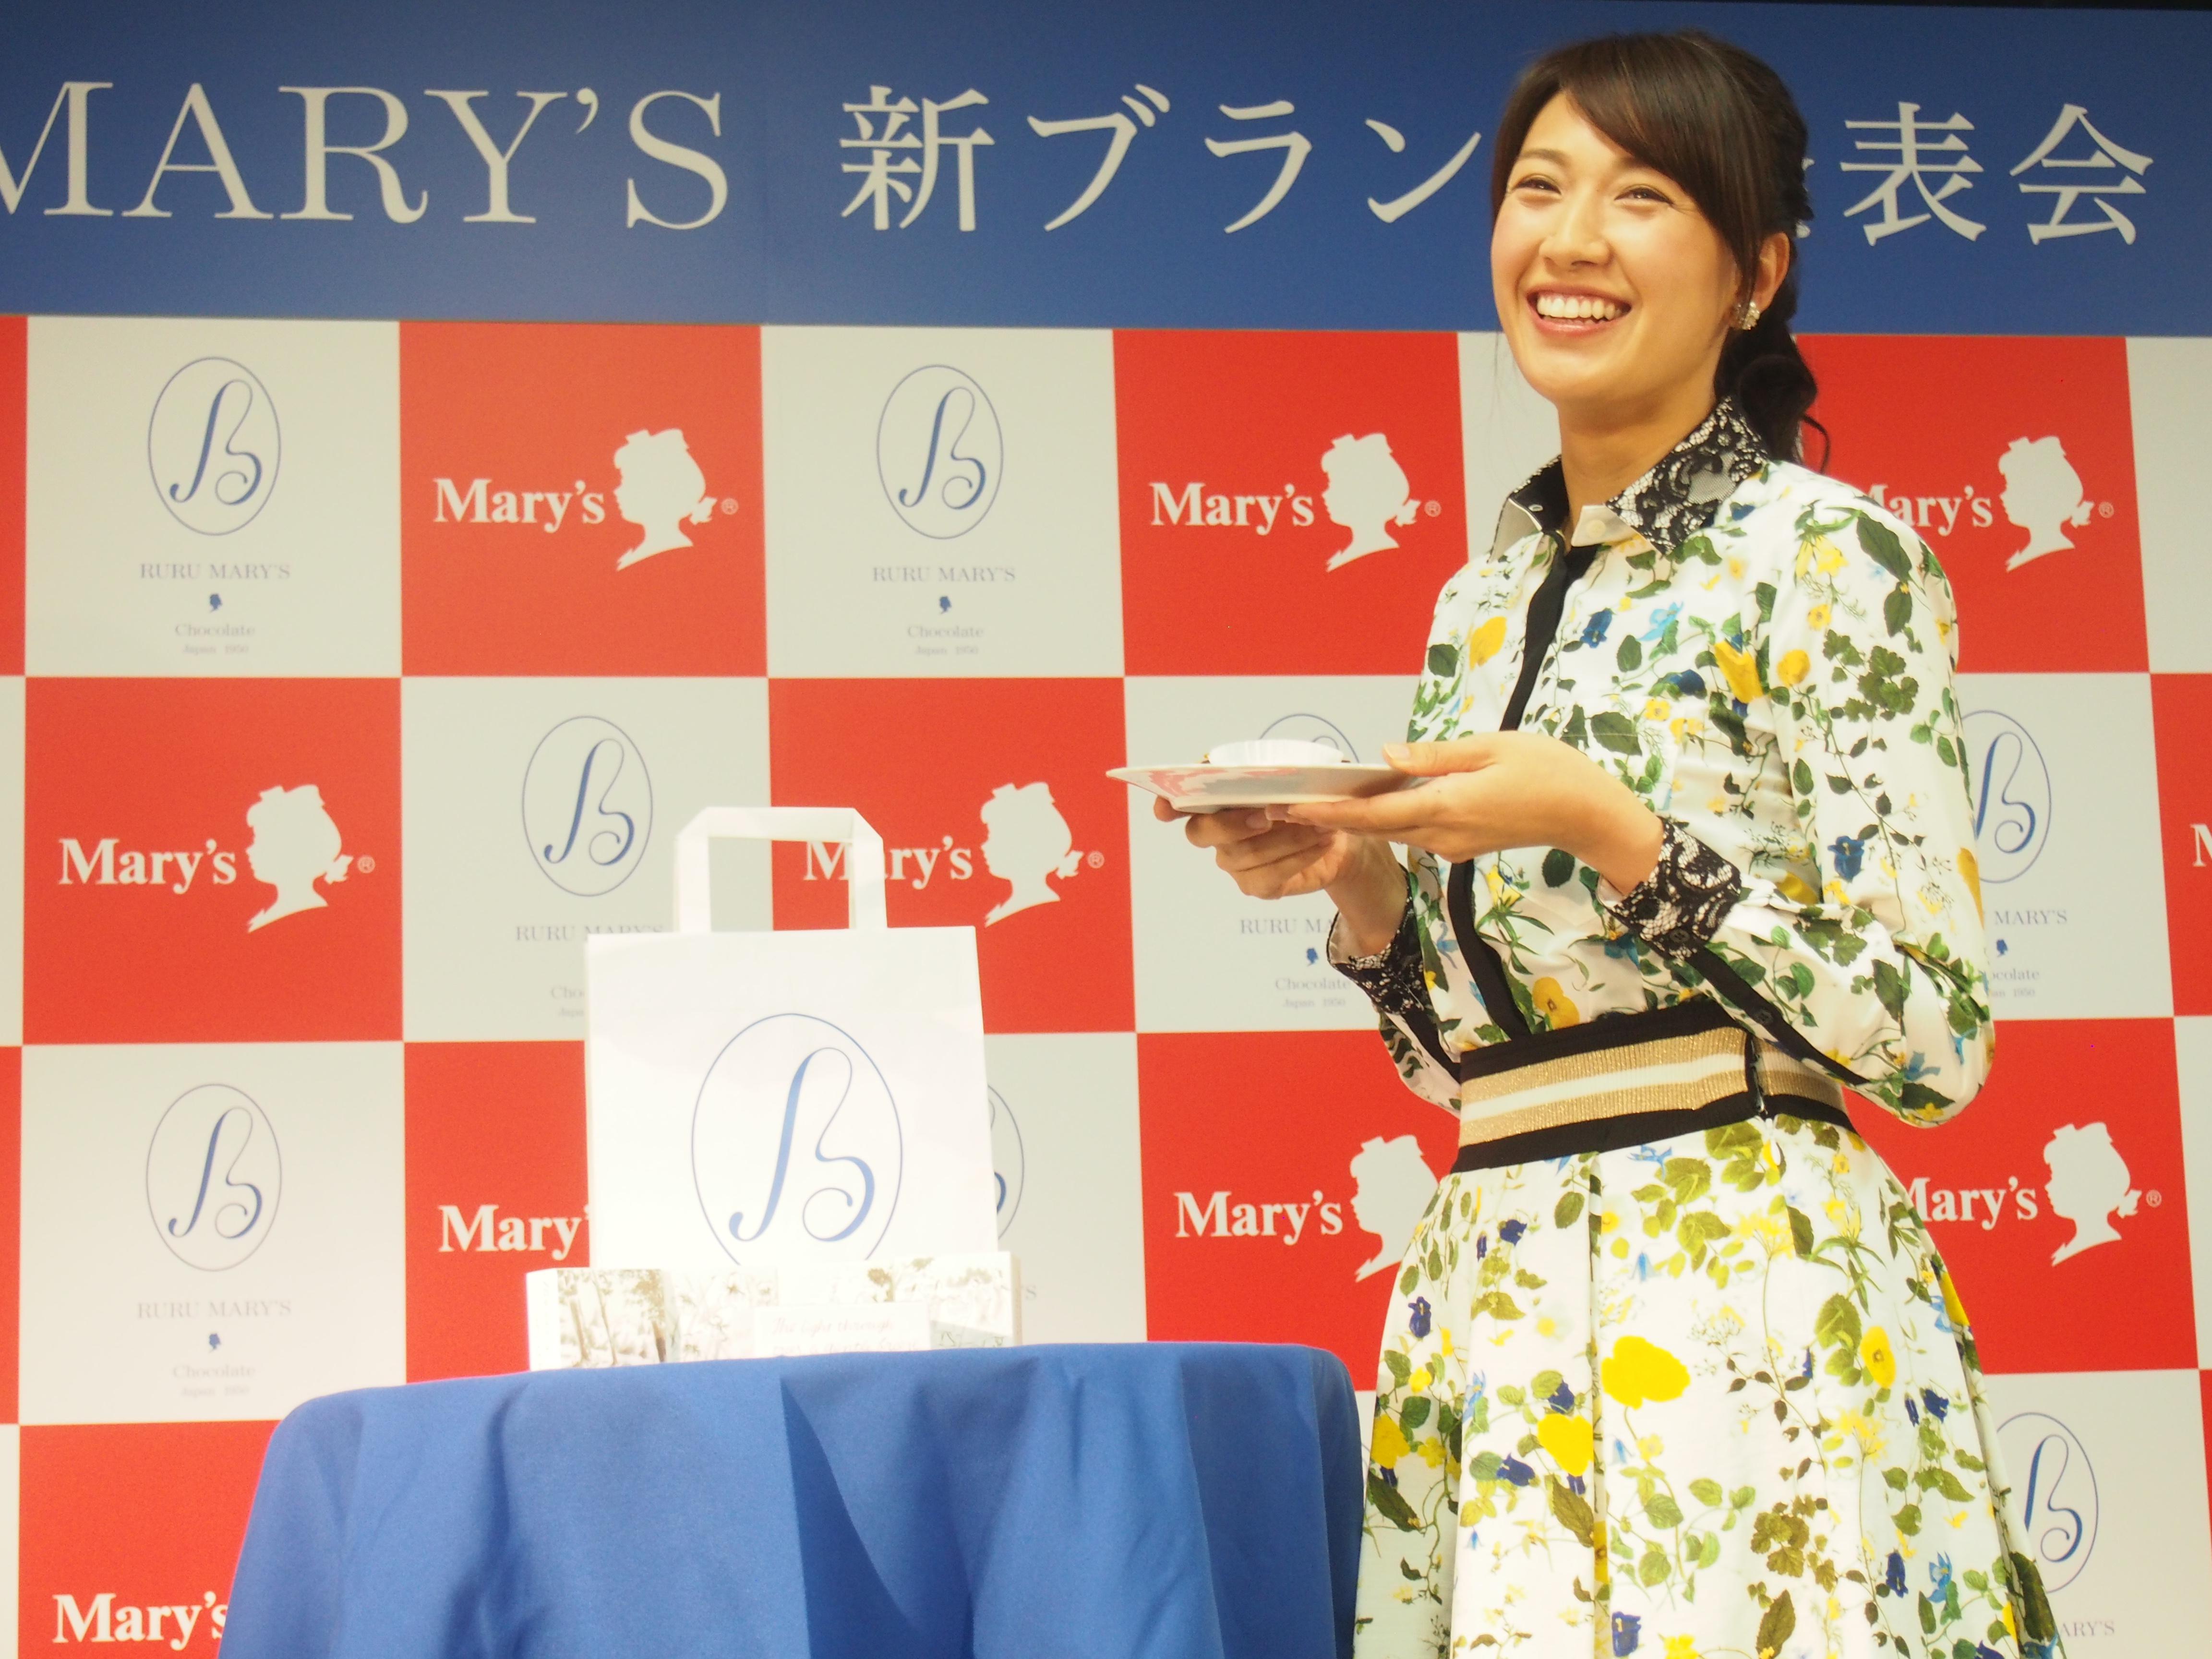 全国に先駆け名古屋に!人気チョコ専門店発の新ブランド「RURU MARY'S」 - PA032315